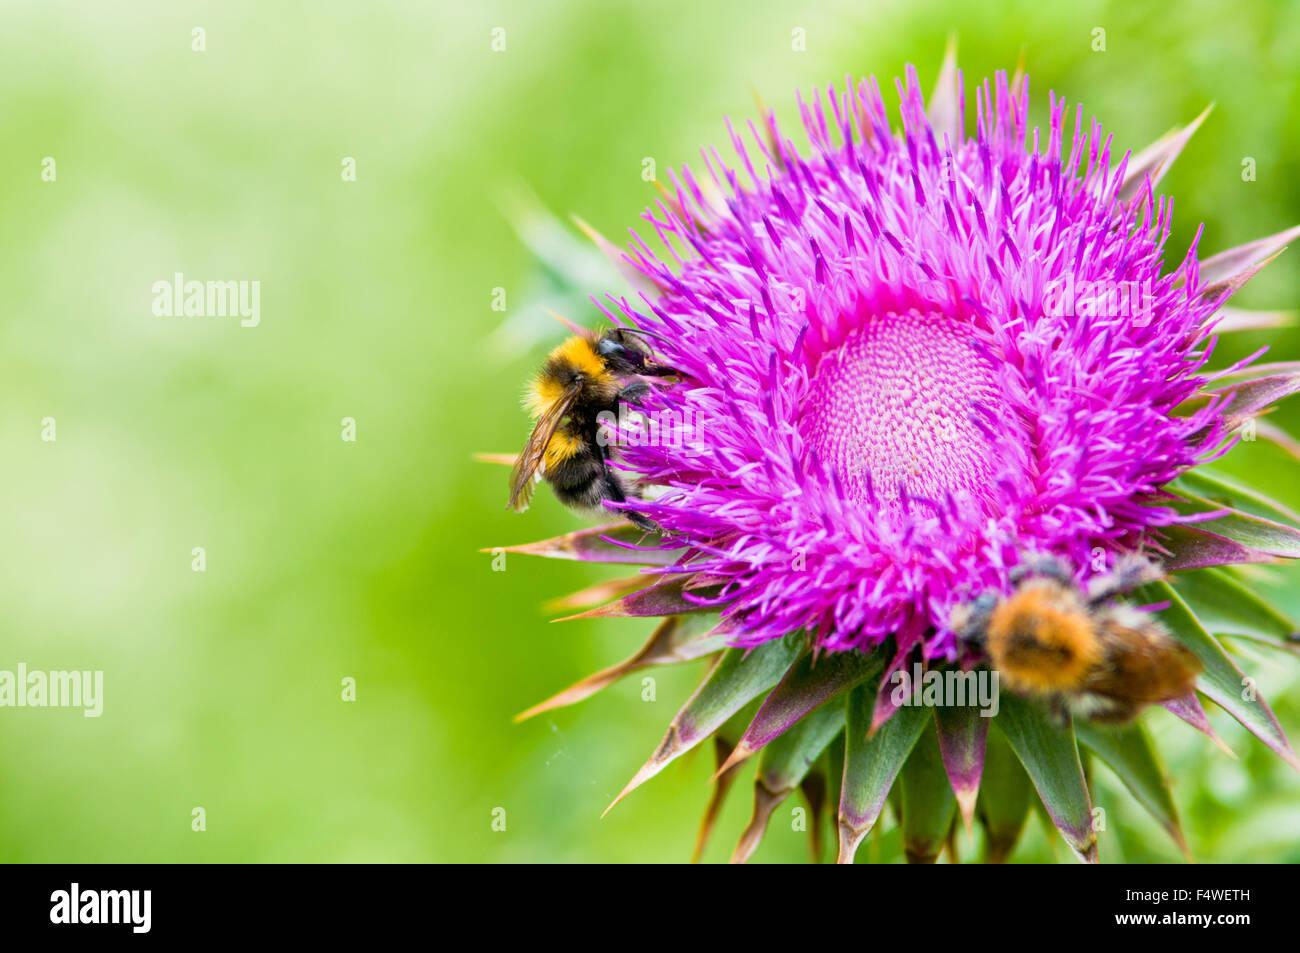 Dos trabajadores de la abeja, recogiendo el néctar de las flores en un hermoso fondo fanimal belleza biología Imagen De Stock